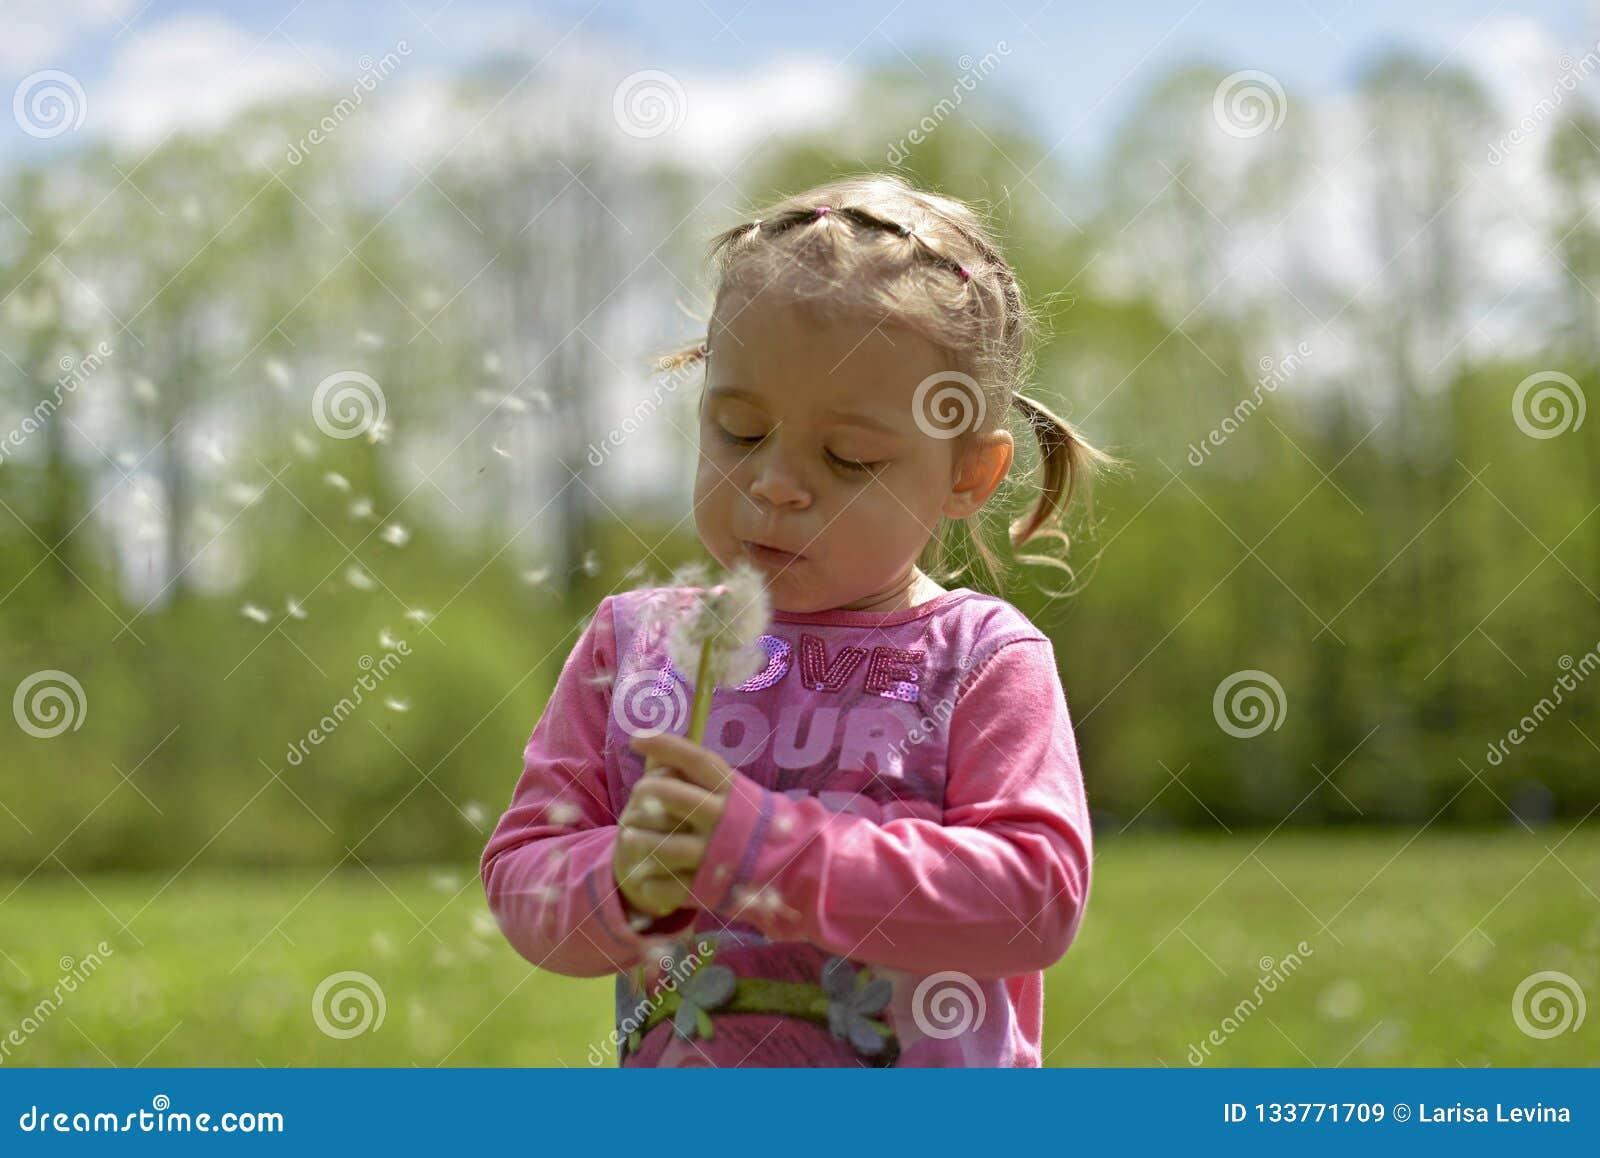 Mała dziewczynka dmucha mocno na białym dandelion